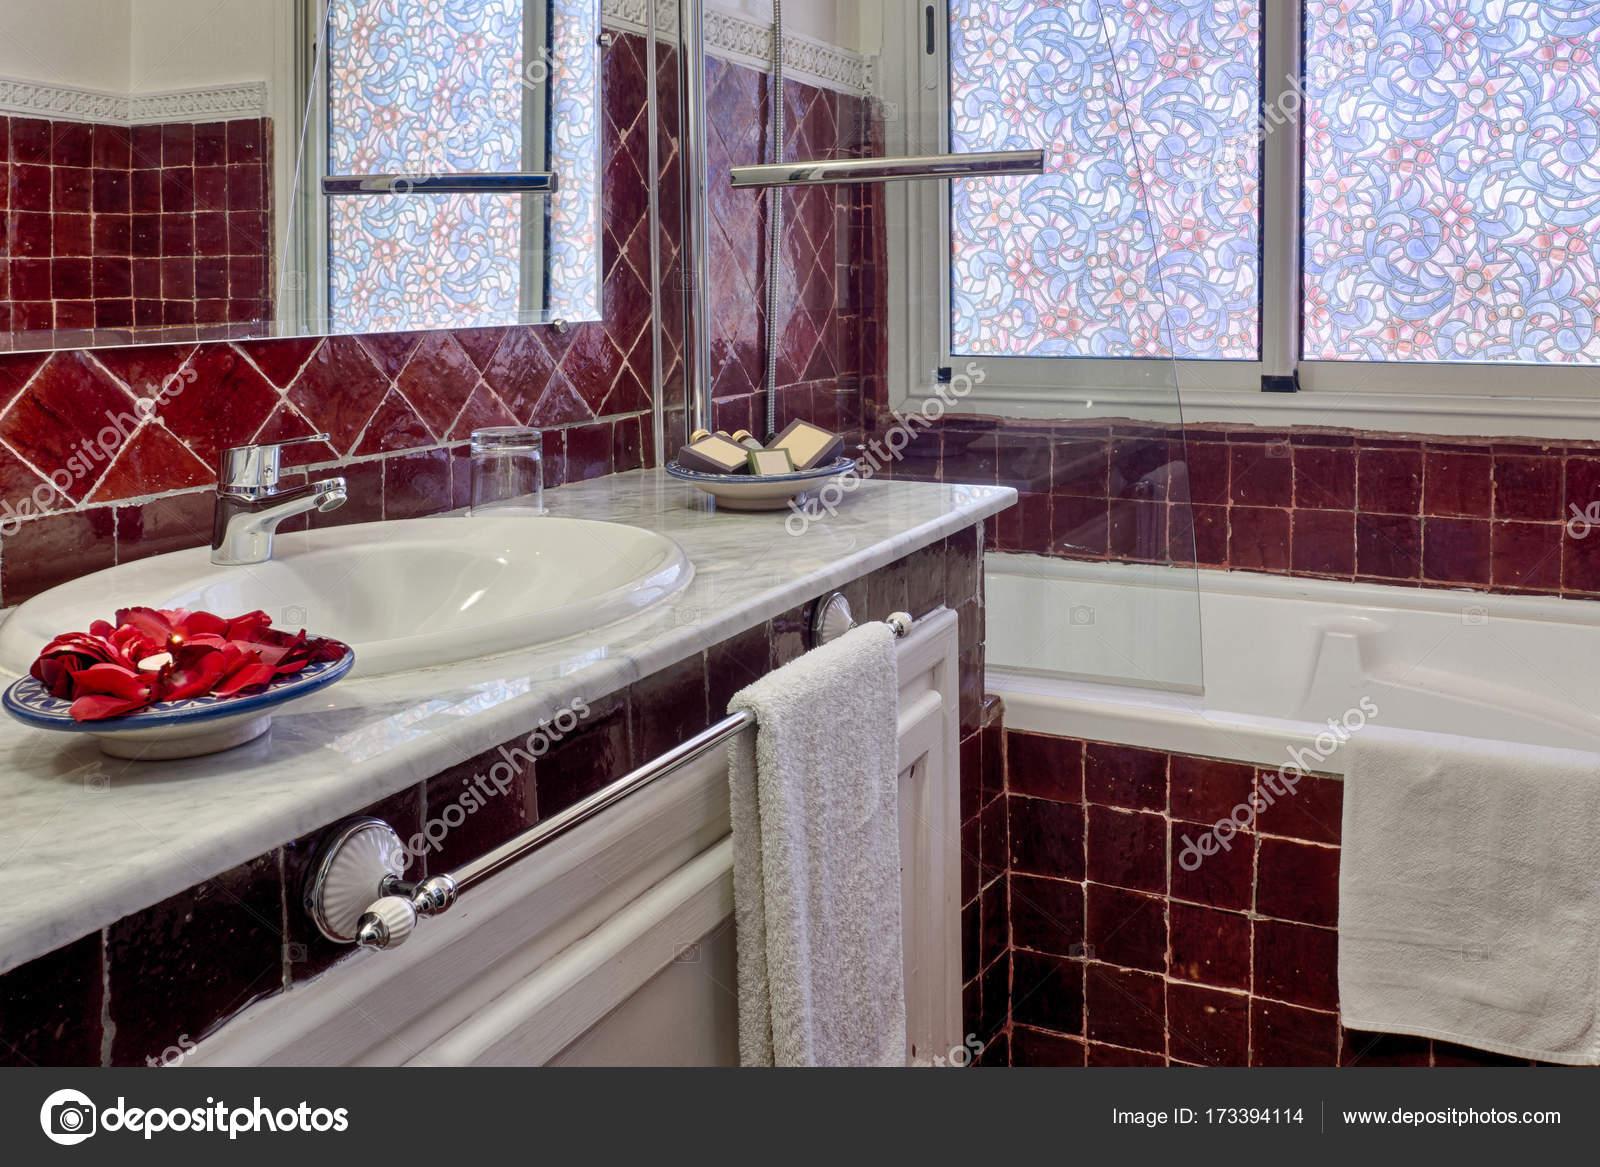 Salle de bain romantique de l\'hôtel de luxe — Photographie pierivb ...